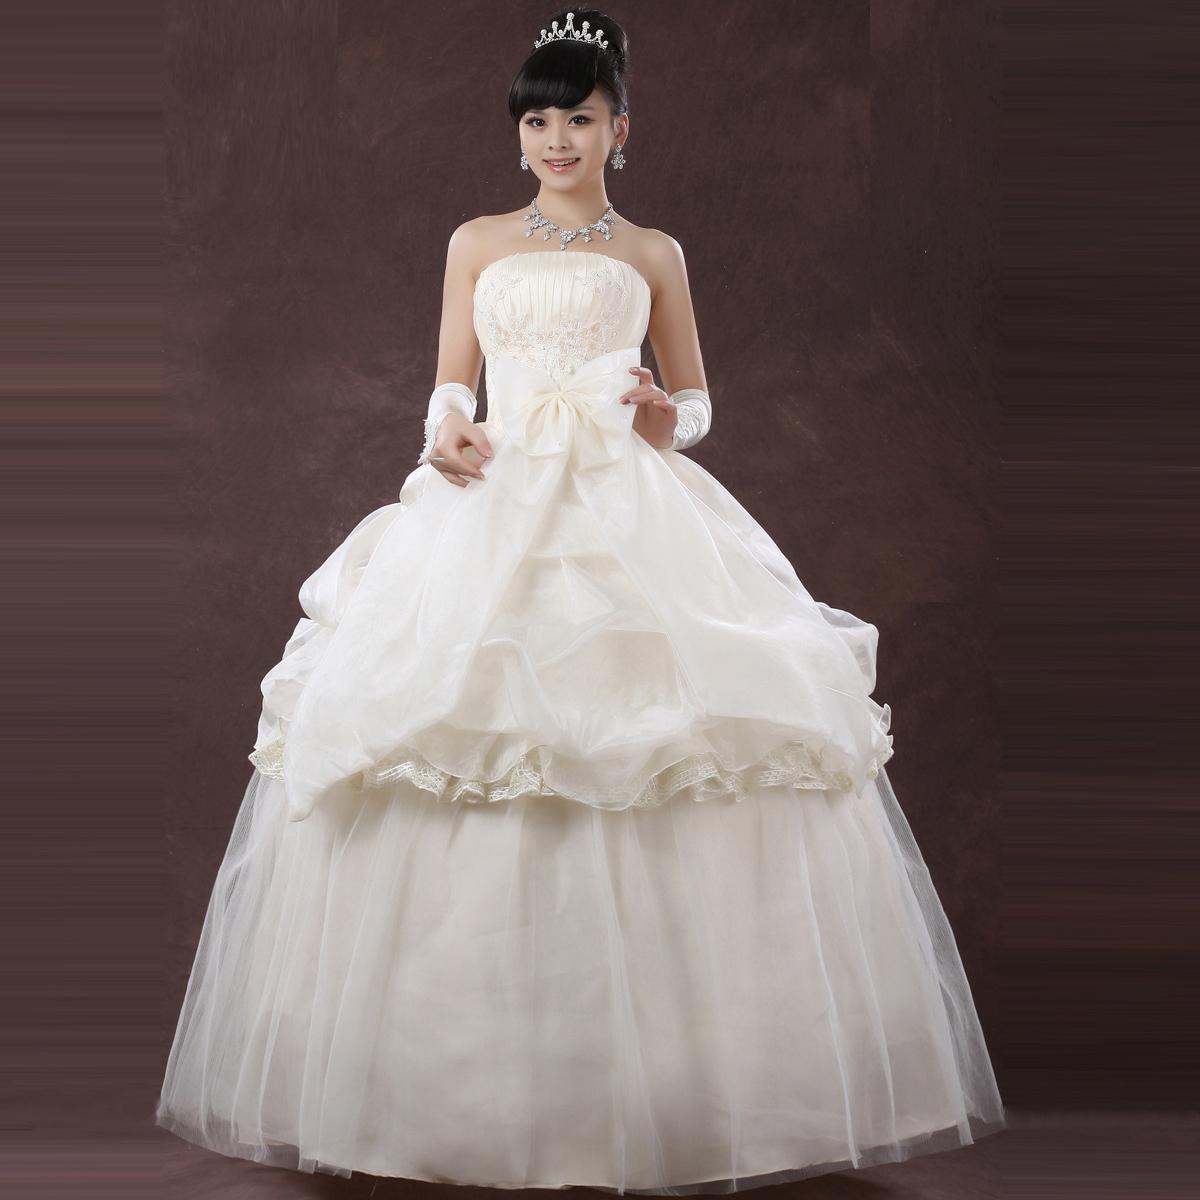 Свадебное платье Love this life xinkuan/19 2013 Органза Принцесса с кринолином